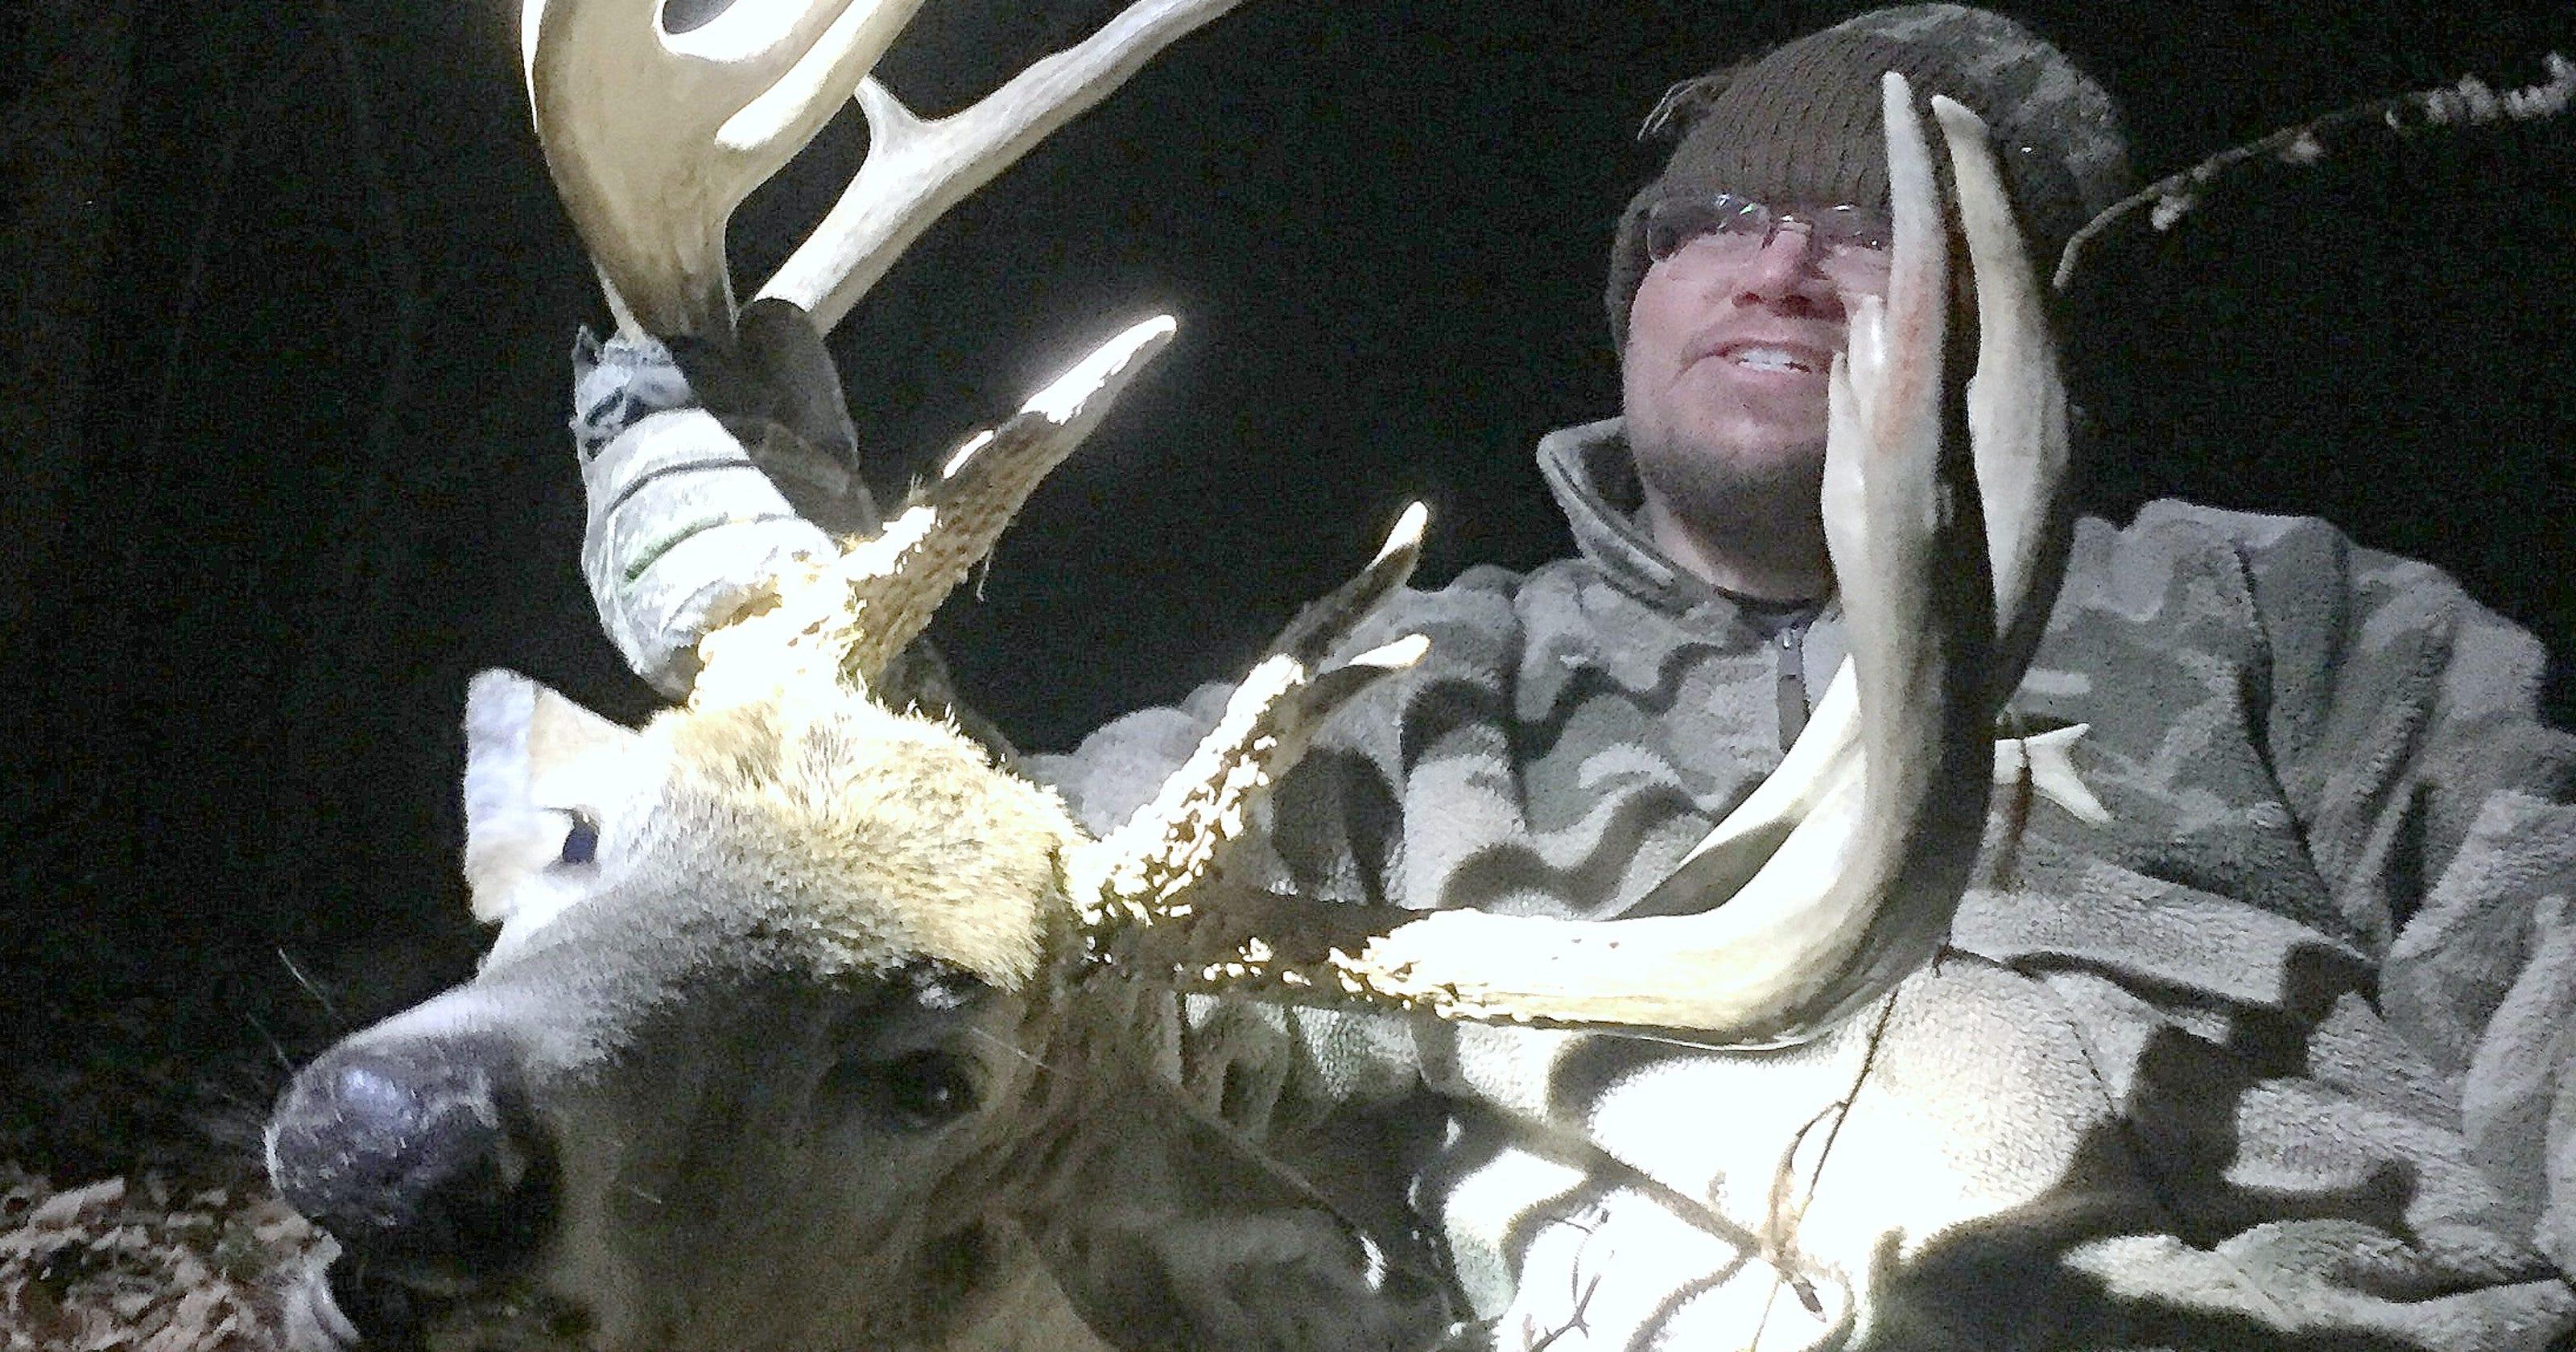 Crossbow Deer Hunting Videos